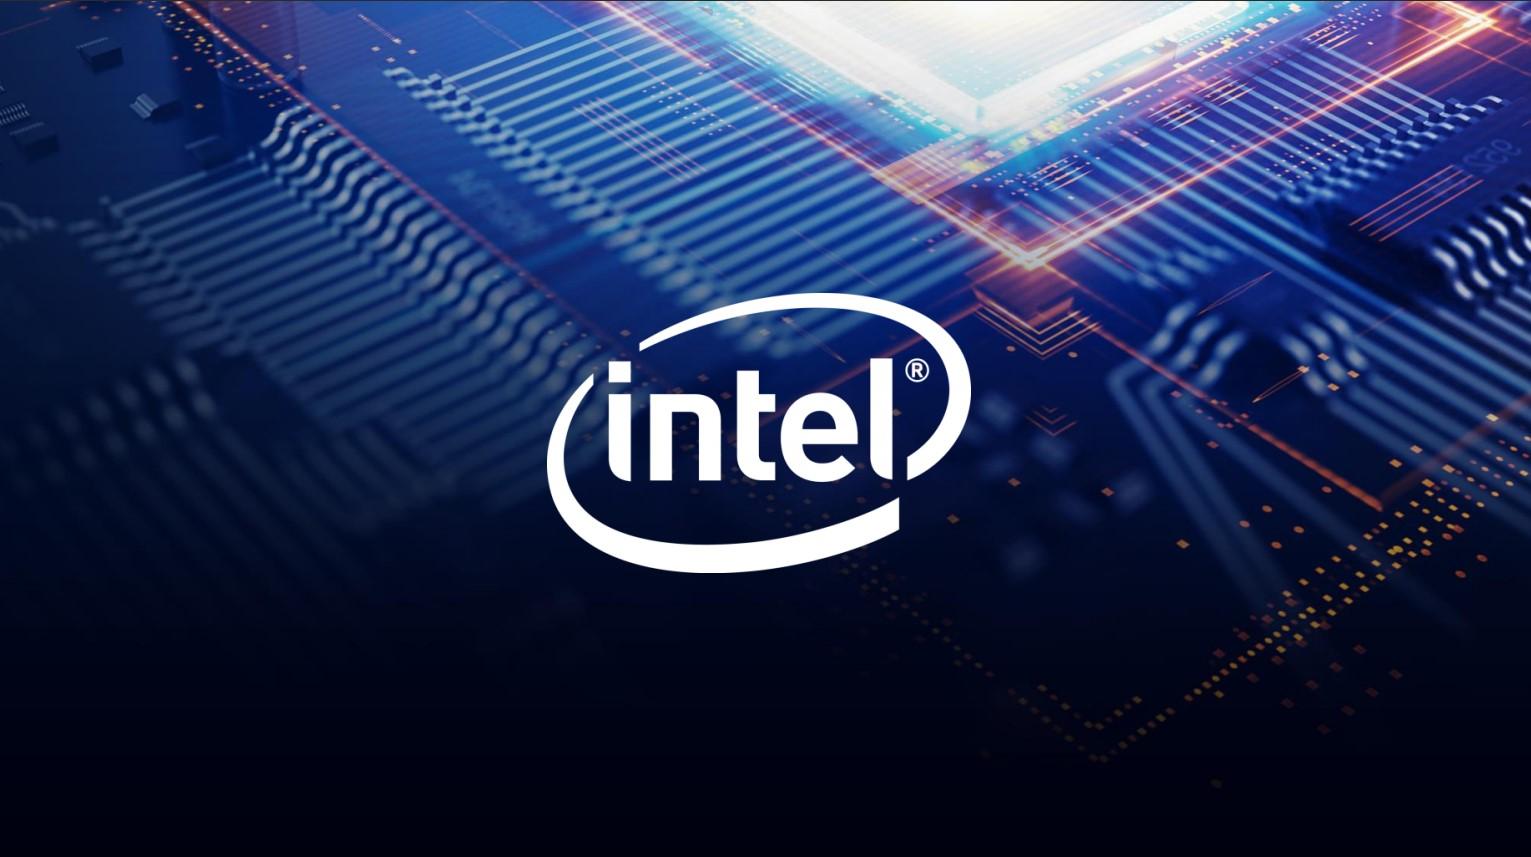 Niebieski kolorem gamingu: Intel Core i9-10900K i spółka zaprezentowane 19